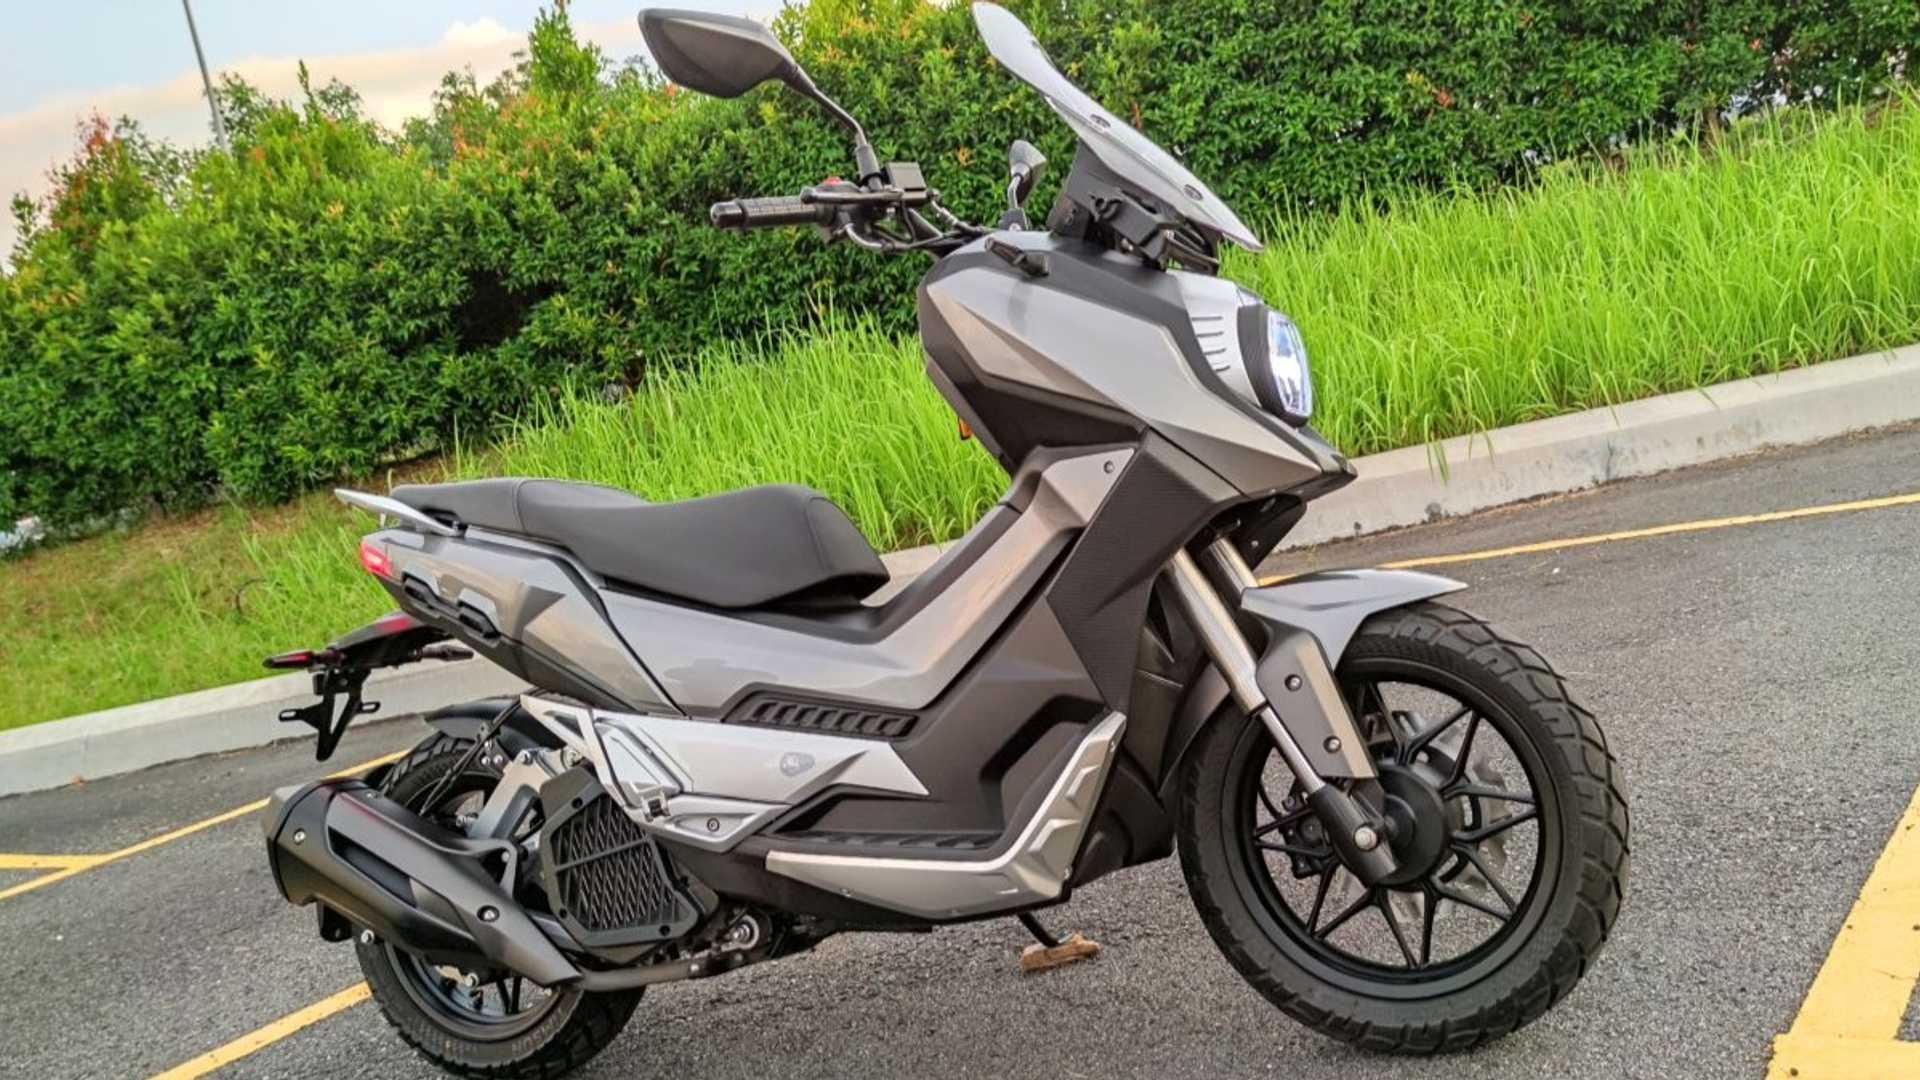 2021 WMoto Xtreme,WMoto Xtreme,moto xtreme,moto xtreme,MotoXtreme, moto xtreme game download,moto xtreme mod apk,wmoto xtreme 150i,wmoto xtreme 150i spec,wmoto xtreme 150i malaysia price,wmoto xtreme 150i top speed,wmoto xtreme 150i review